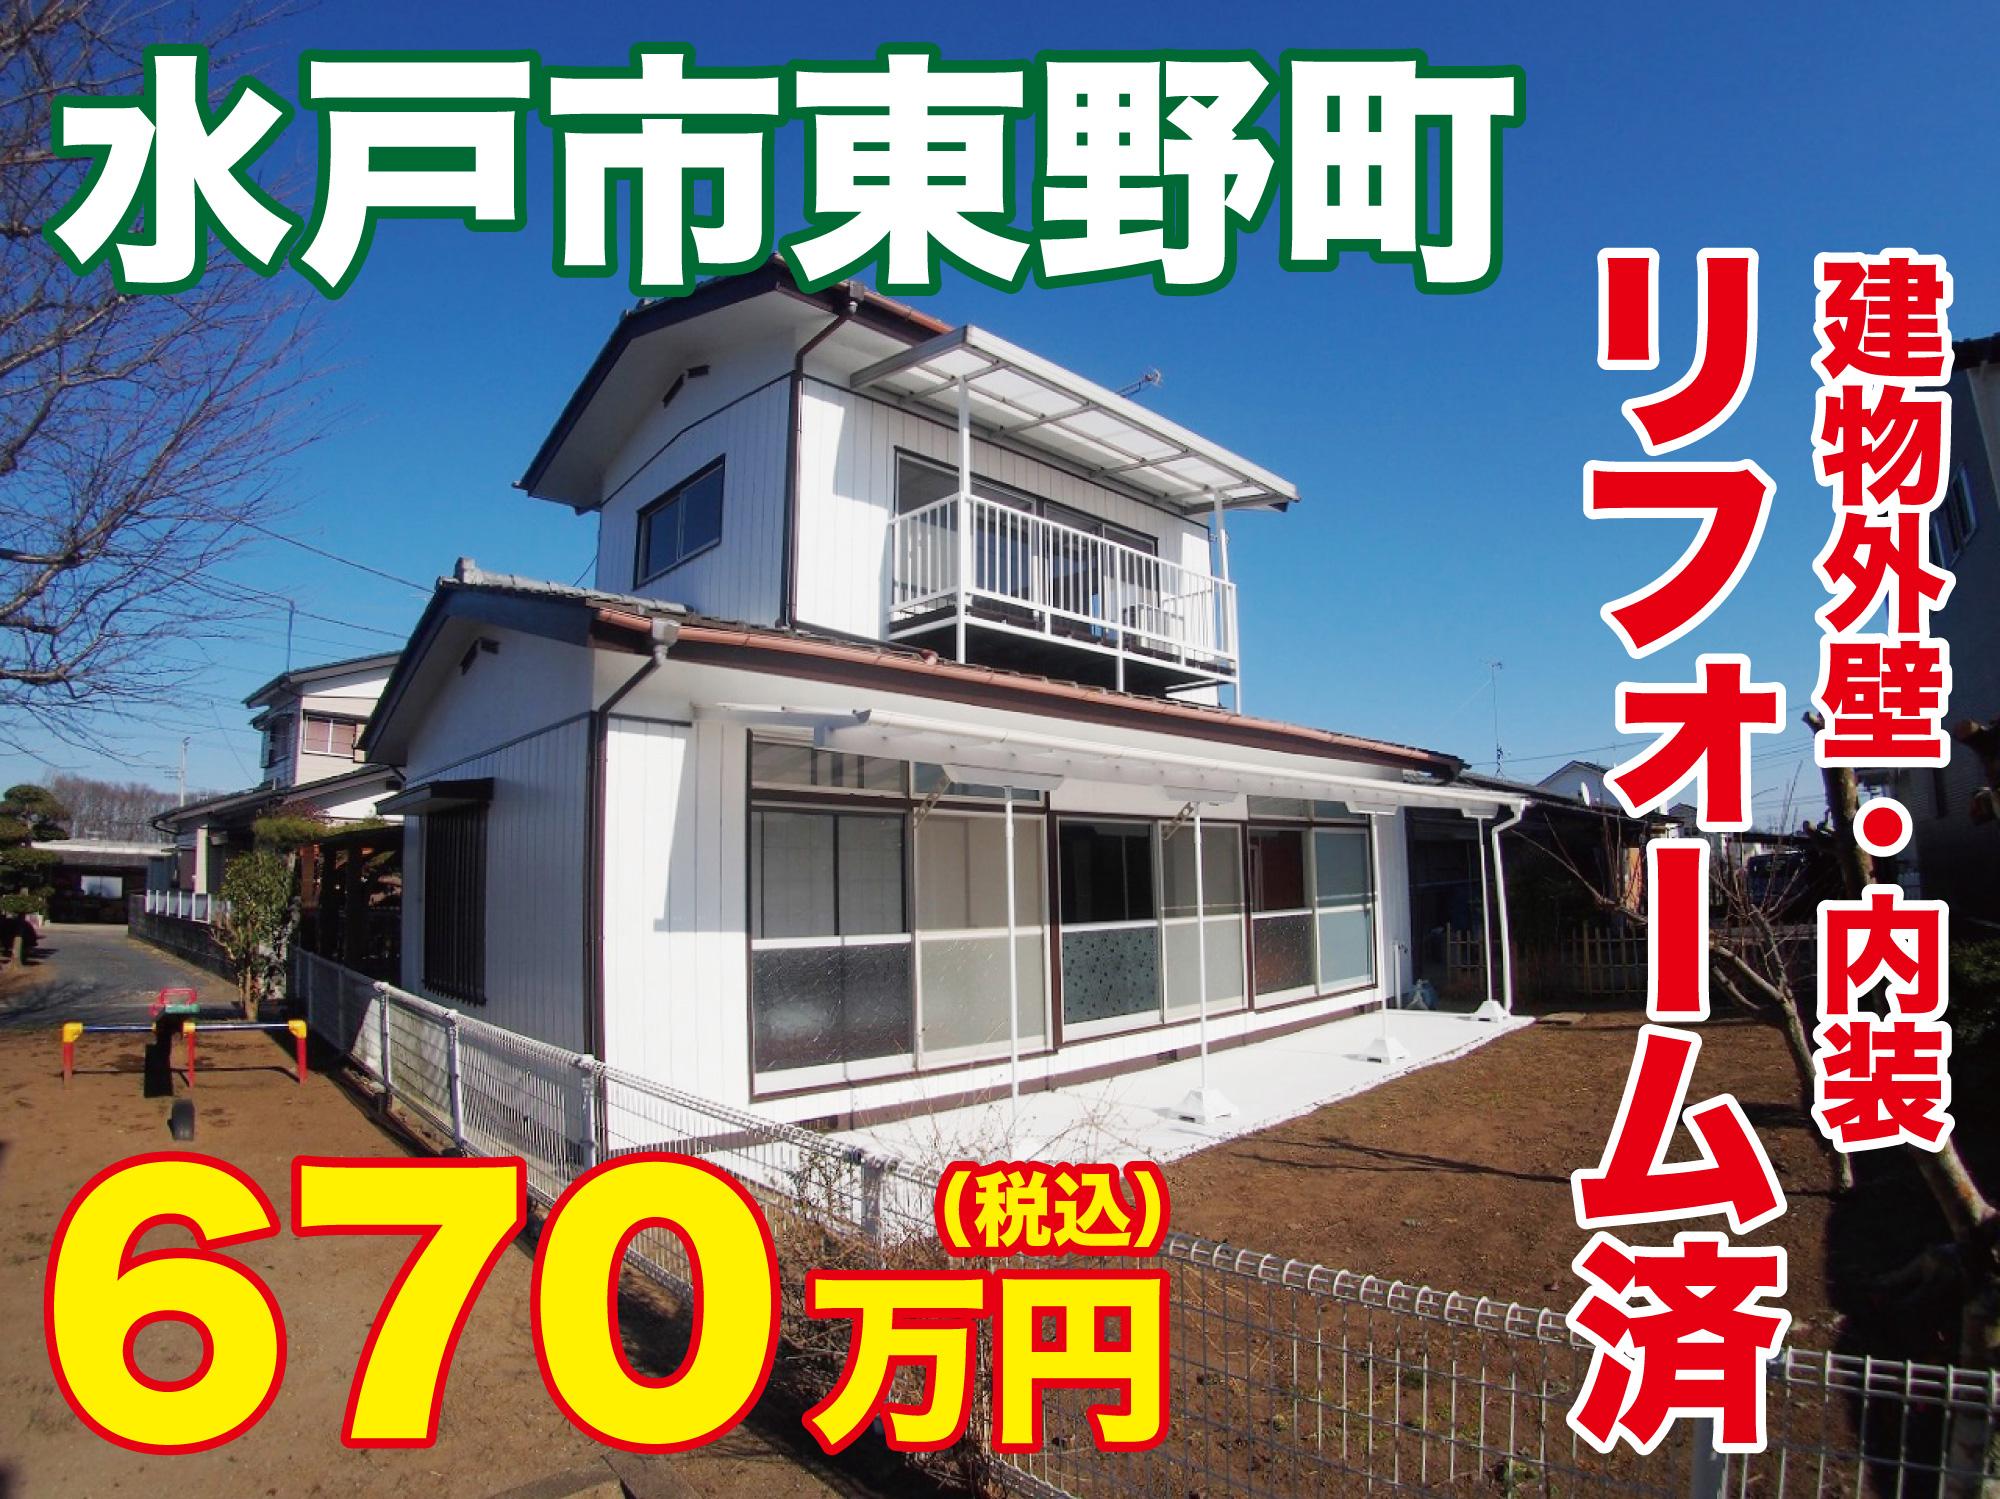 東野町サムネイル